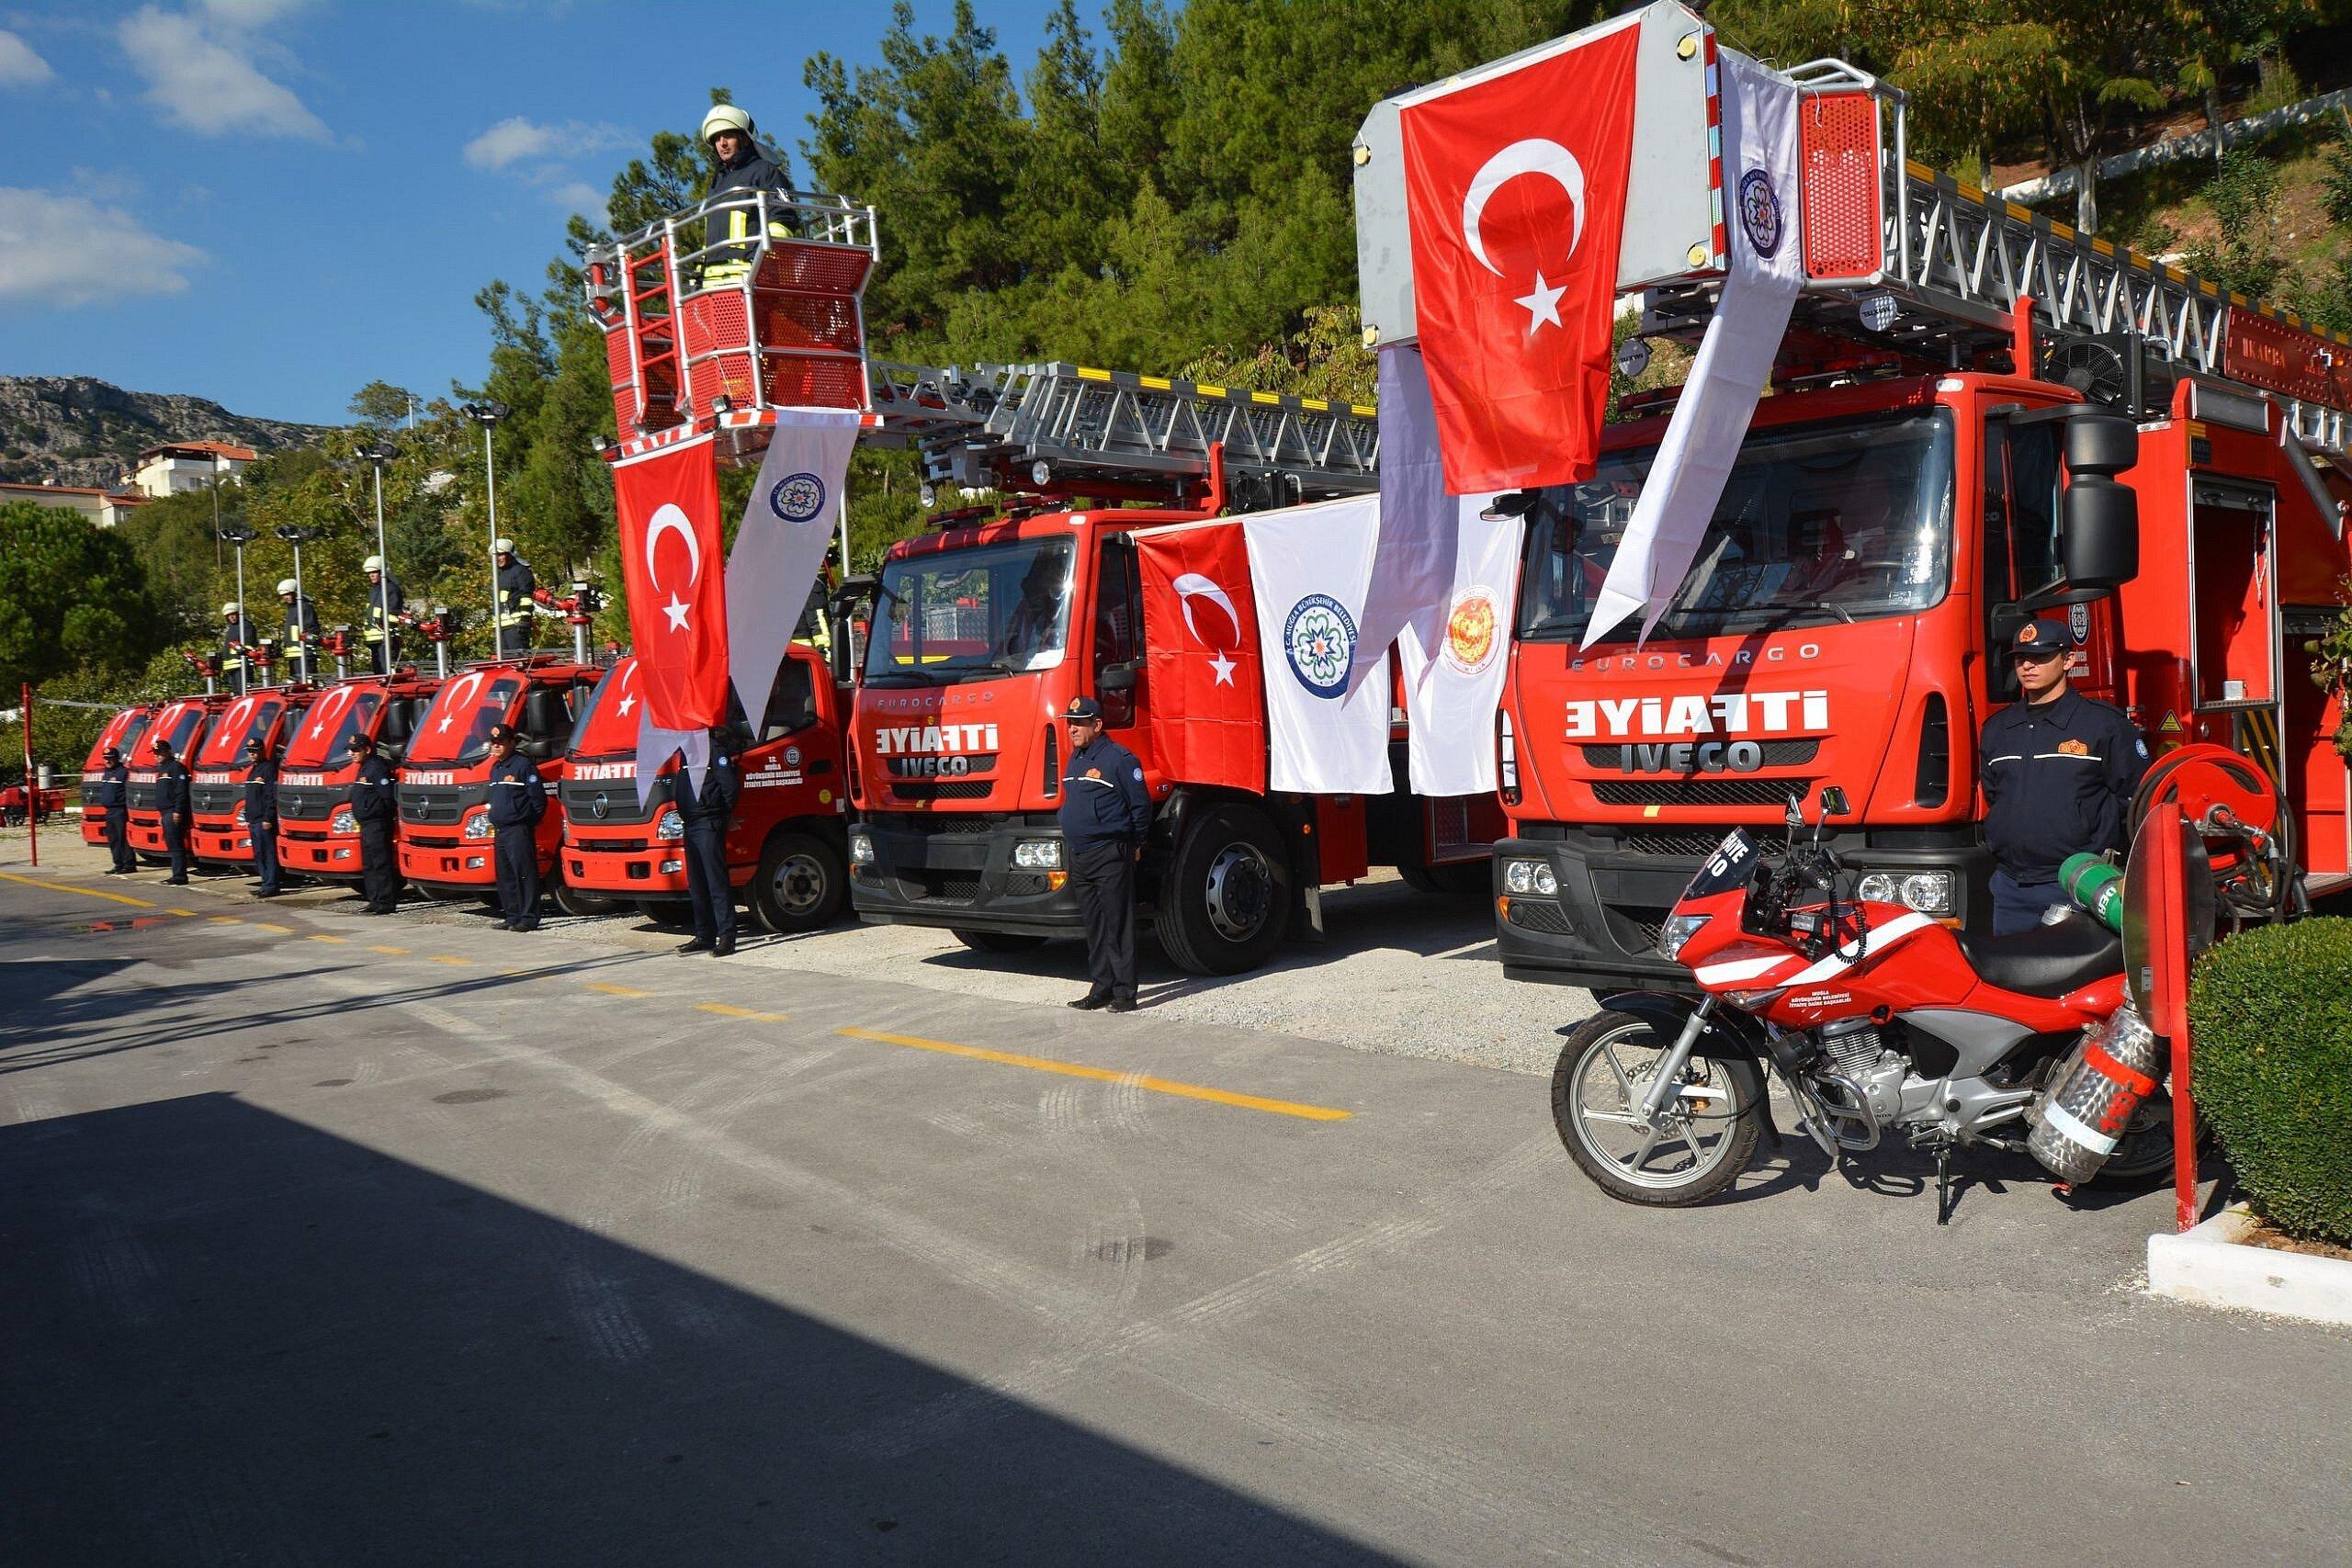 İzmir Büyükşehir Belediyesi İtfaiye Dairesi Başkanlığının Afetlerde Etkinlik Kapasitesinin Değerlendirilmesi